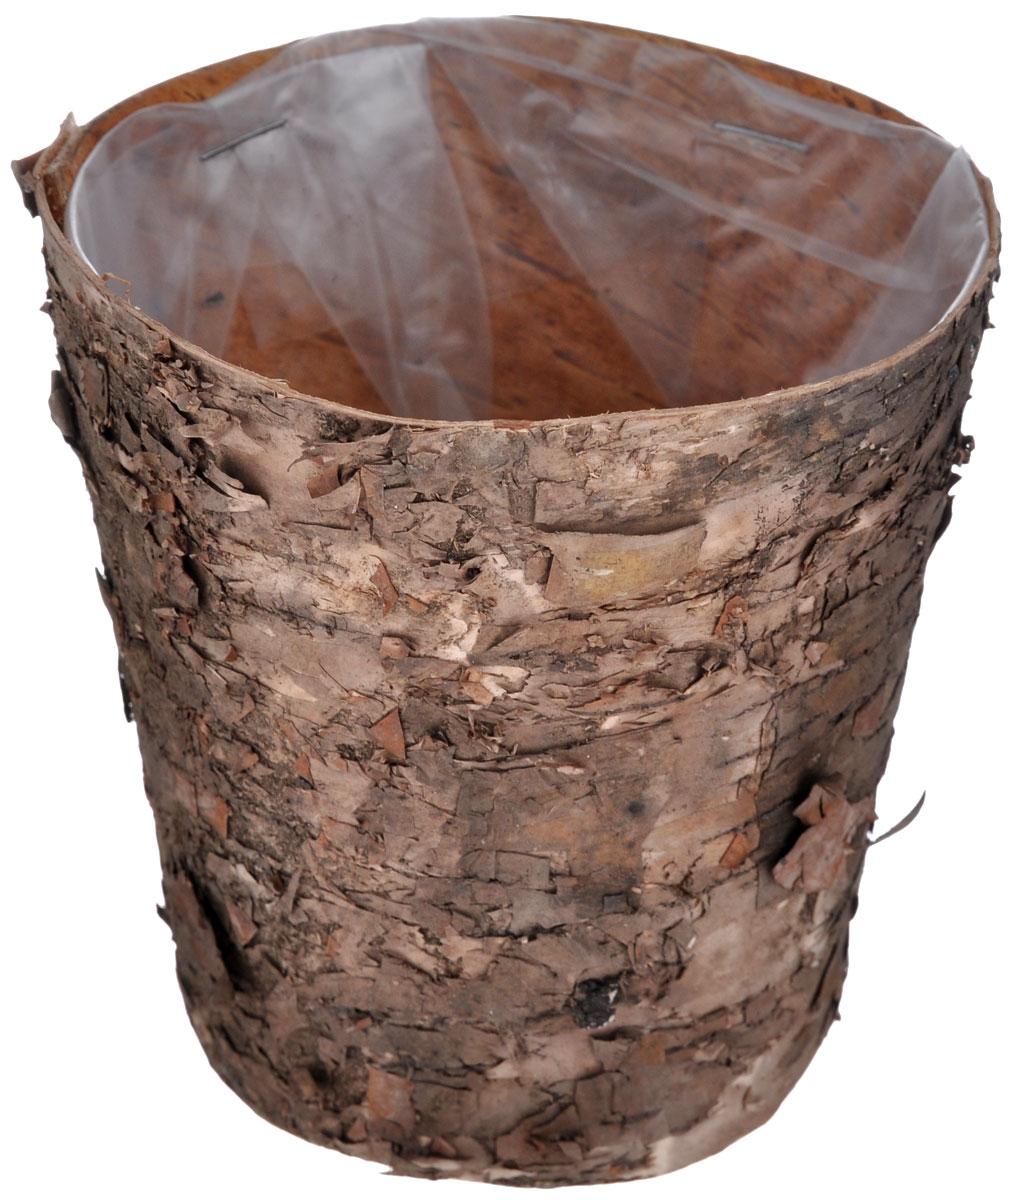 Декоративный элемент Dongjiang Art, цвет: натуральное дерево, диаметр 10 см7709035_ нат/деревоДекоративный элемент Dongjiang Art используется как основа для последующего декорирования. Изделие изготовлено из бересты в виде кашпо. Вы можете украсить его лентами, фигурками, красивыми бусинами, цветной бумагой и другим материалом. Вы получите наслаждение от творчества и удивительно красивое украшение для вашего интерьера или замечательный подарок для близких людей! Диаметр кашпо: 10 см.